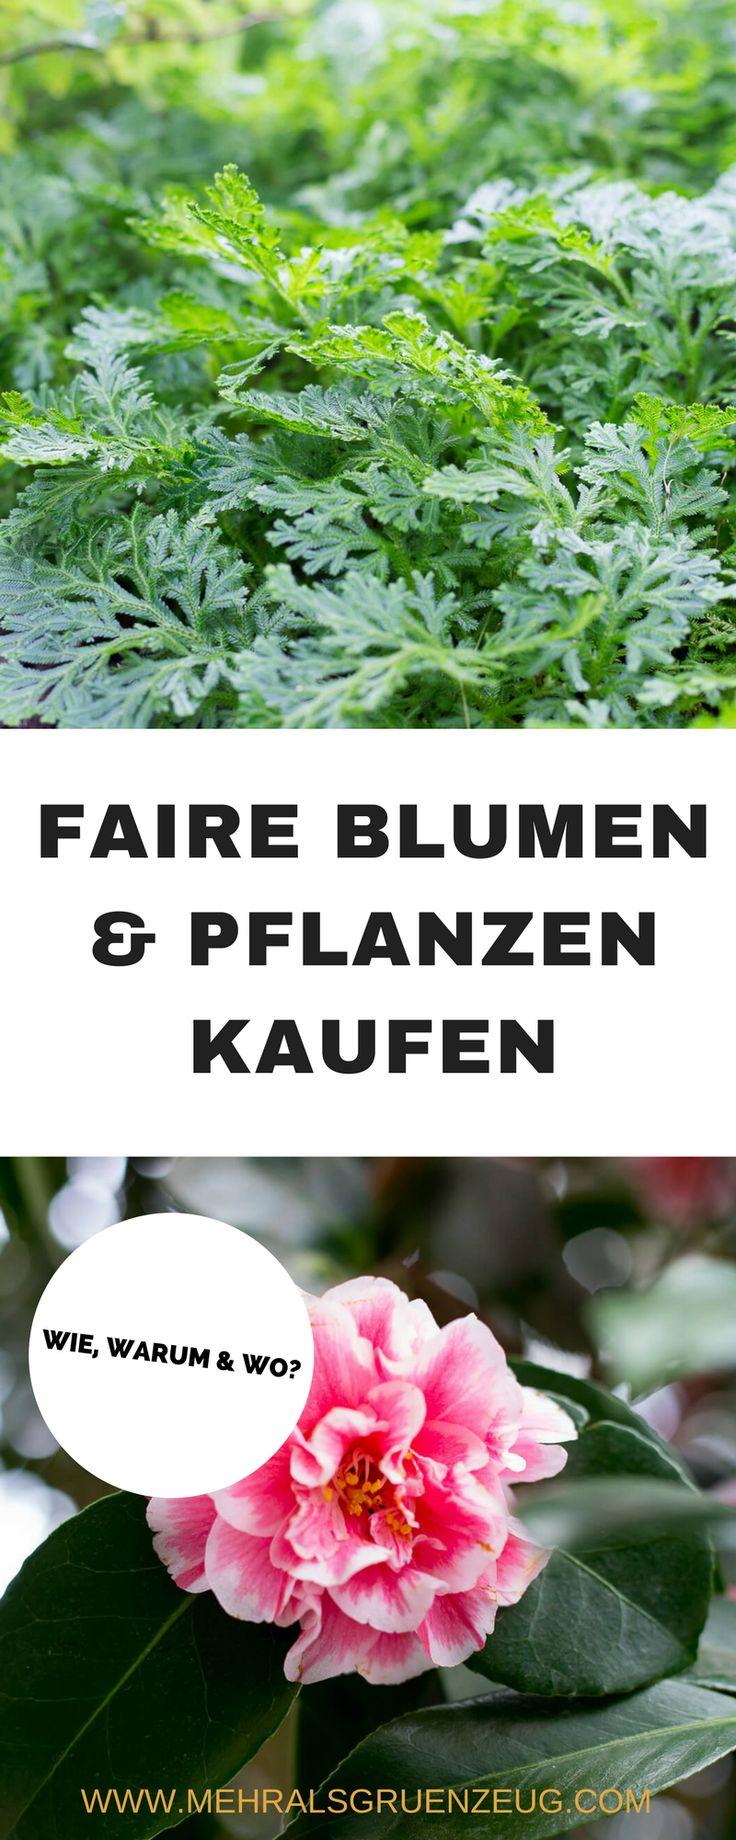 Wie kann ich eigentlich faire Blumen und Pflanzen kaufen? Welche Siegel gibt es - und warum ist es eigentlich so wichtig, fair gehandeltes Grün zu kaufen?